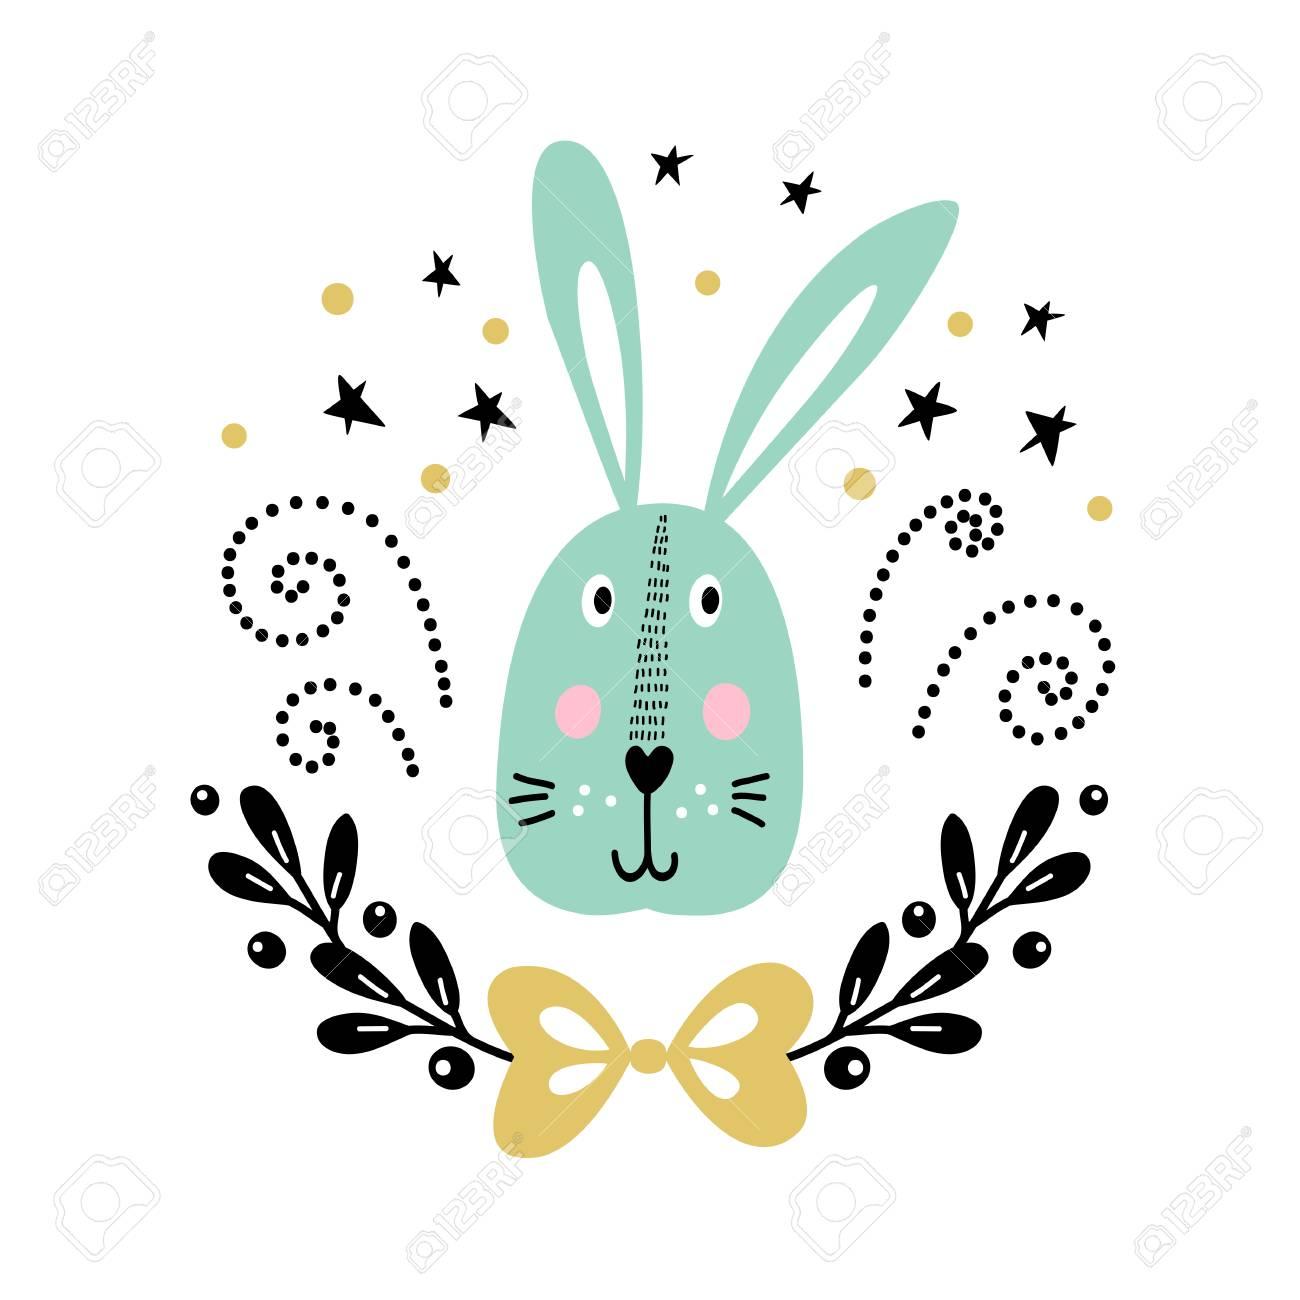 Tarjeta De Vector Con Conejo Lindo Ilustración Para Estampados Infantiles Saludos Carteles Camiseta Packaging Invitaciones Postal Con Lindo